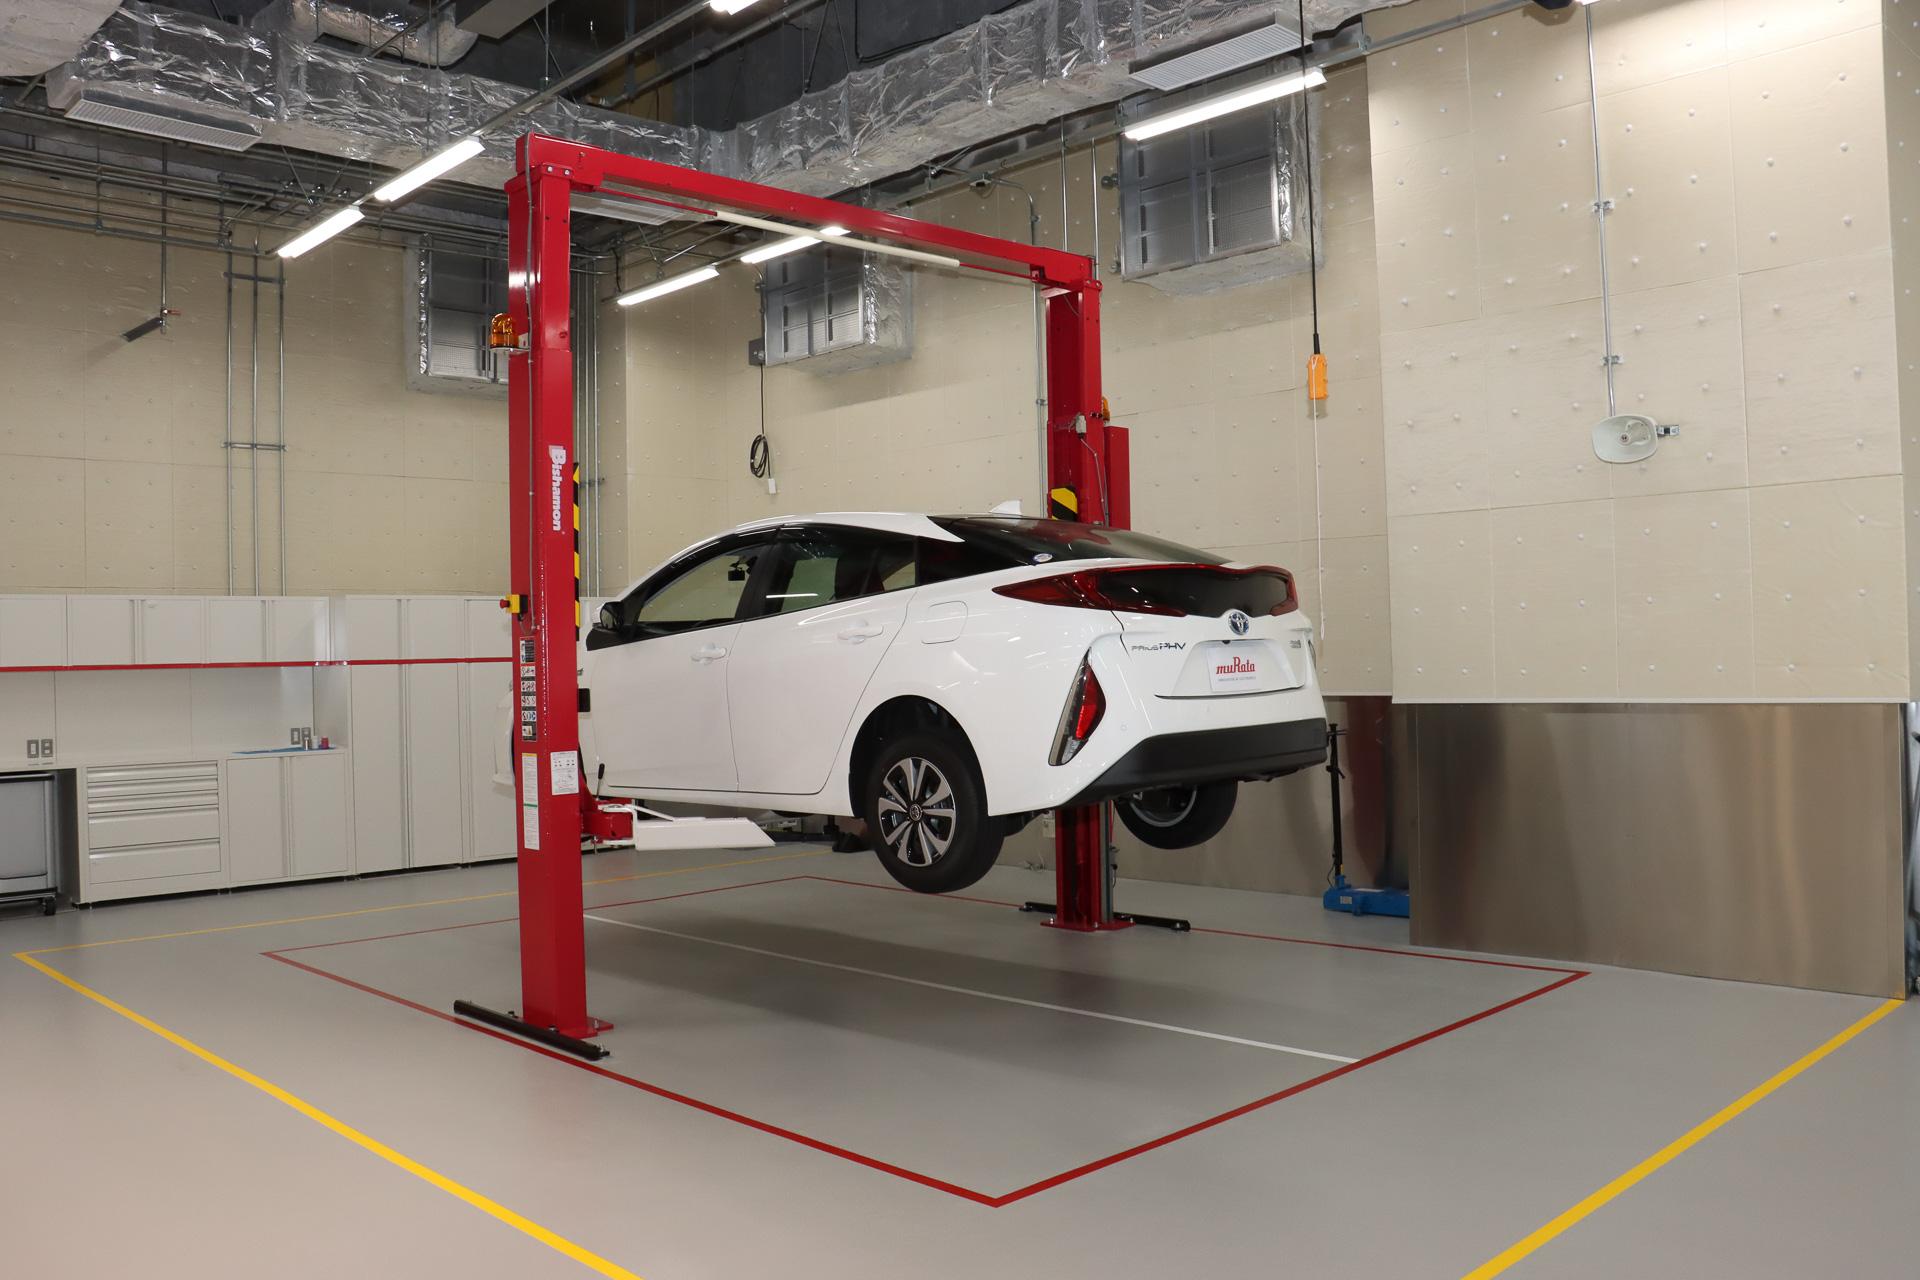 報道陣向けに公開された村田製作所の車載関連展示施設「Murata みらい Mobility」